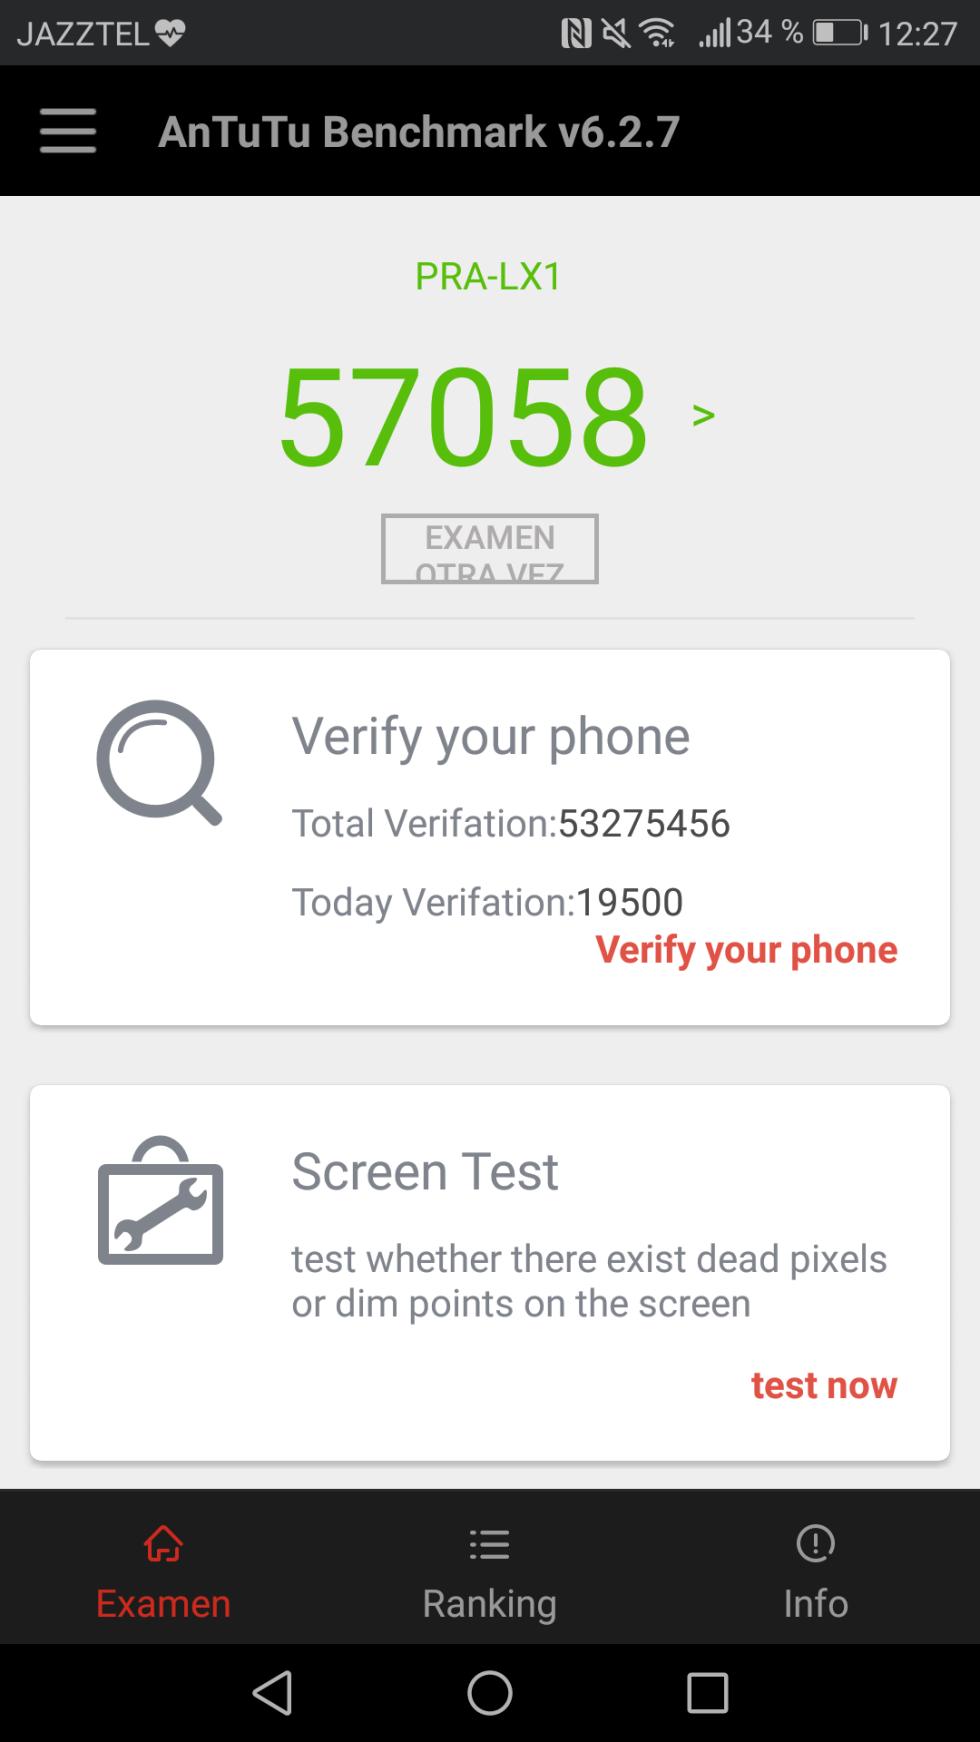 El Huawei P8 Lite 2017 de nuestra review obtiene 57.058 puntos en la prueba de AnTuTu Benchmark v6.2.7